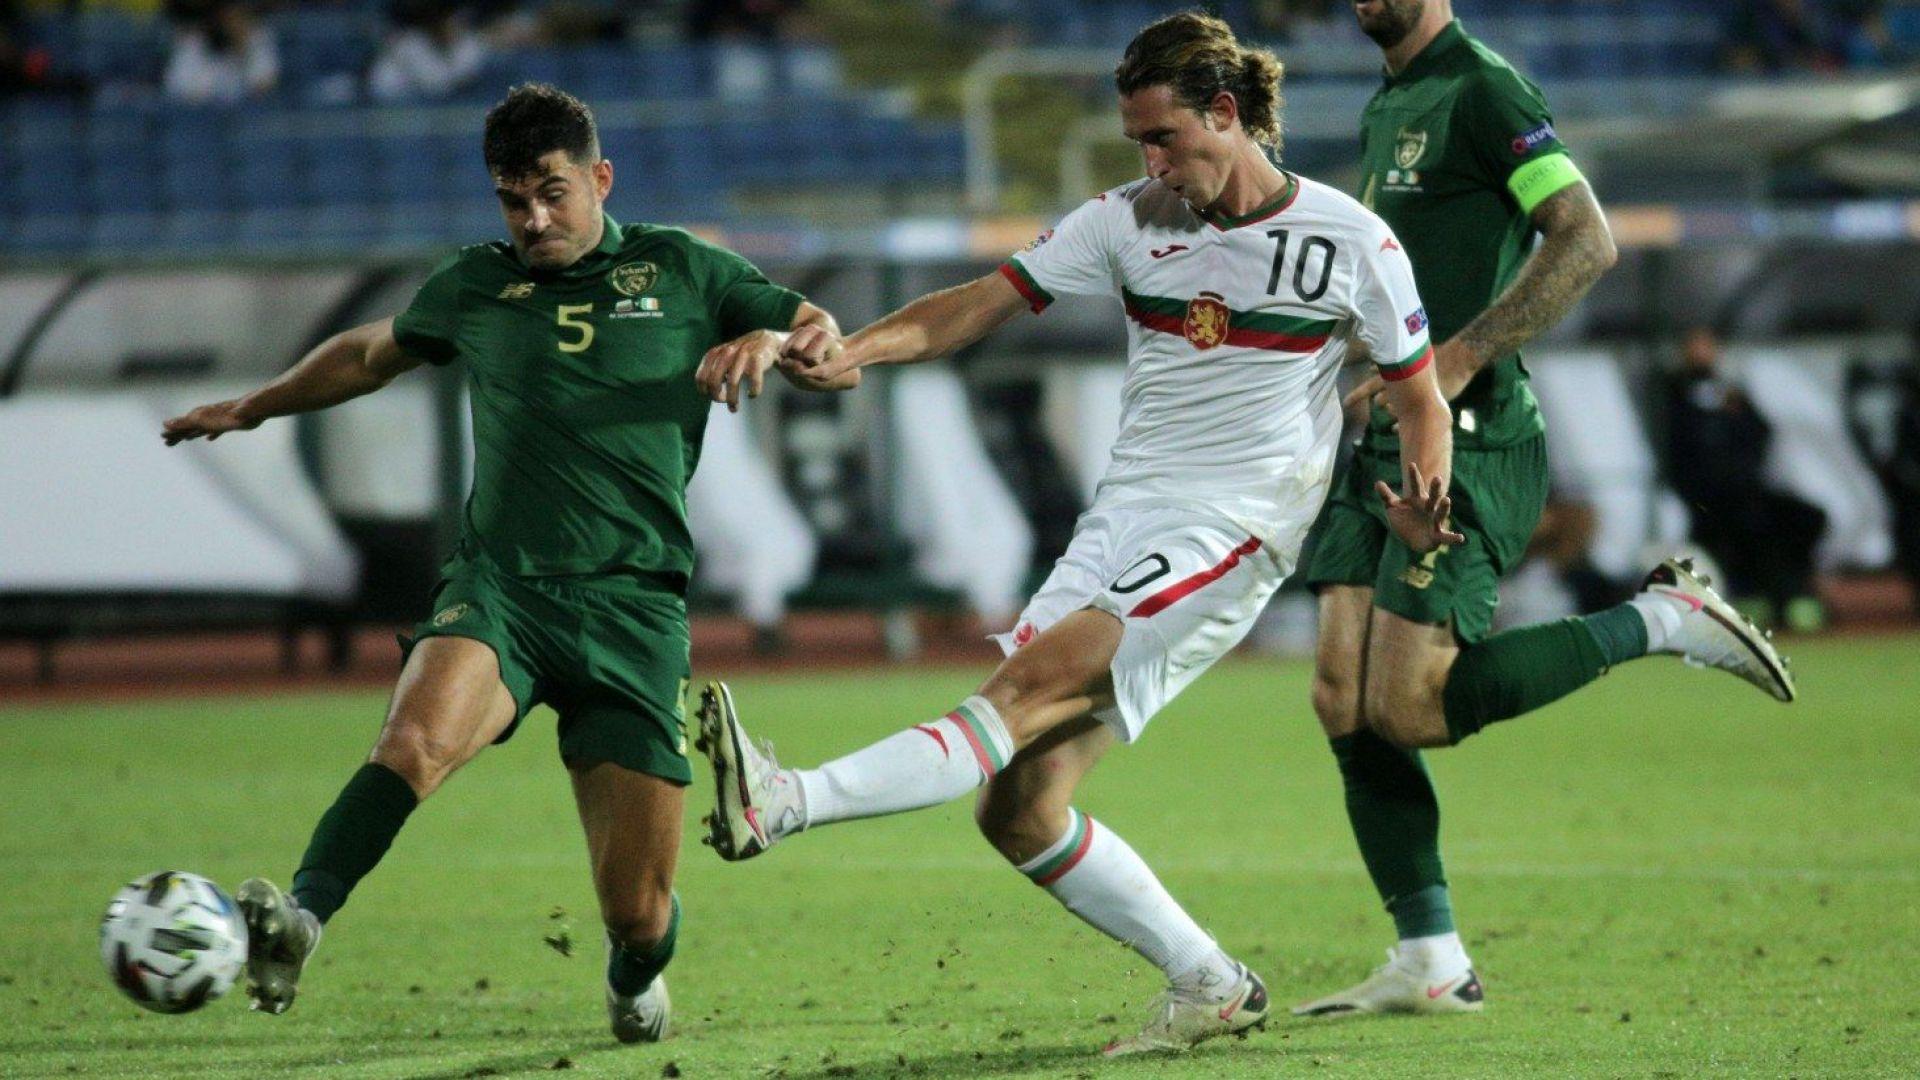 Божидар Краев: Участието ми в Шампионска лига трябва да е гордост за цяла България